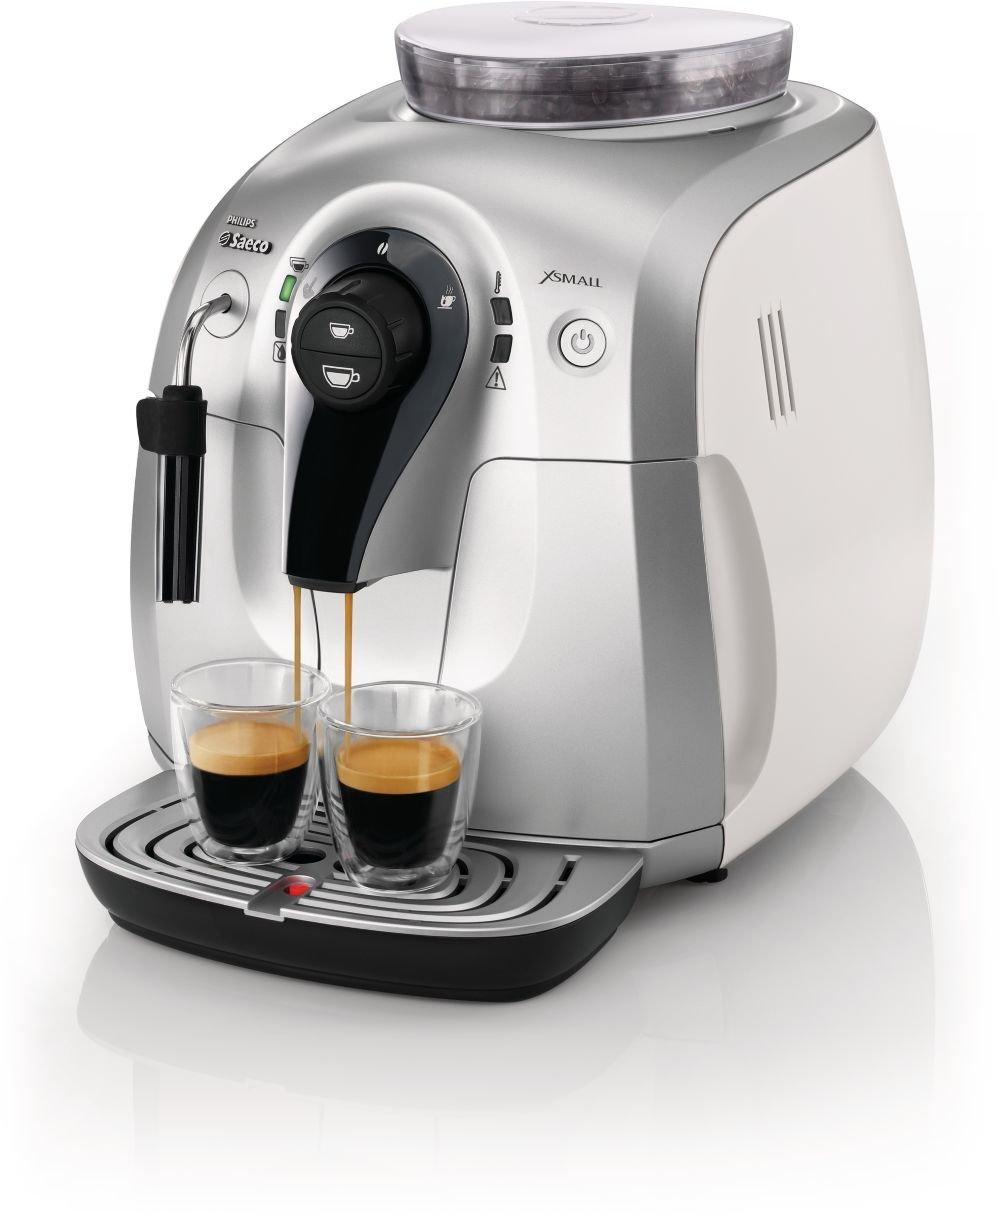 Saeco Xsmall HD8745/09 - Cafetera (Máquina espresso, 1 L, Granos de café, De café molido, Molinillo integrado, 1400 W, Acero inoxidable): Amazon.es: Hogar